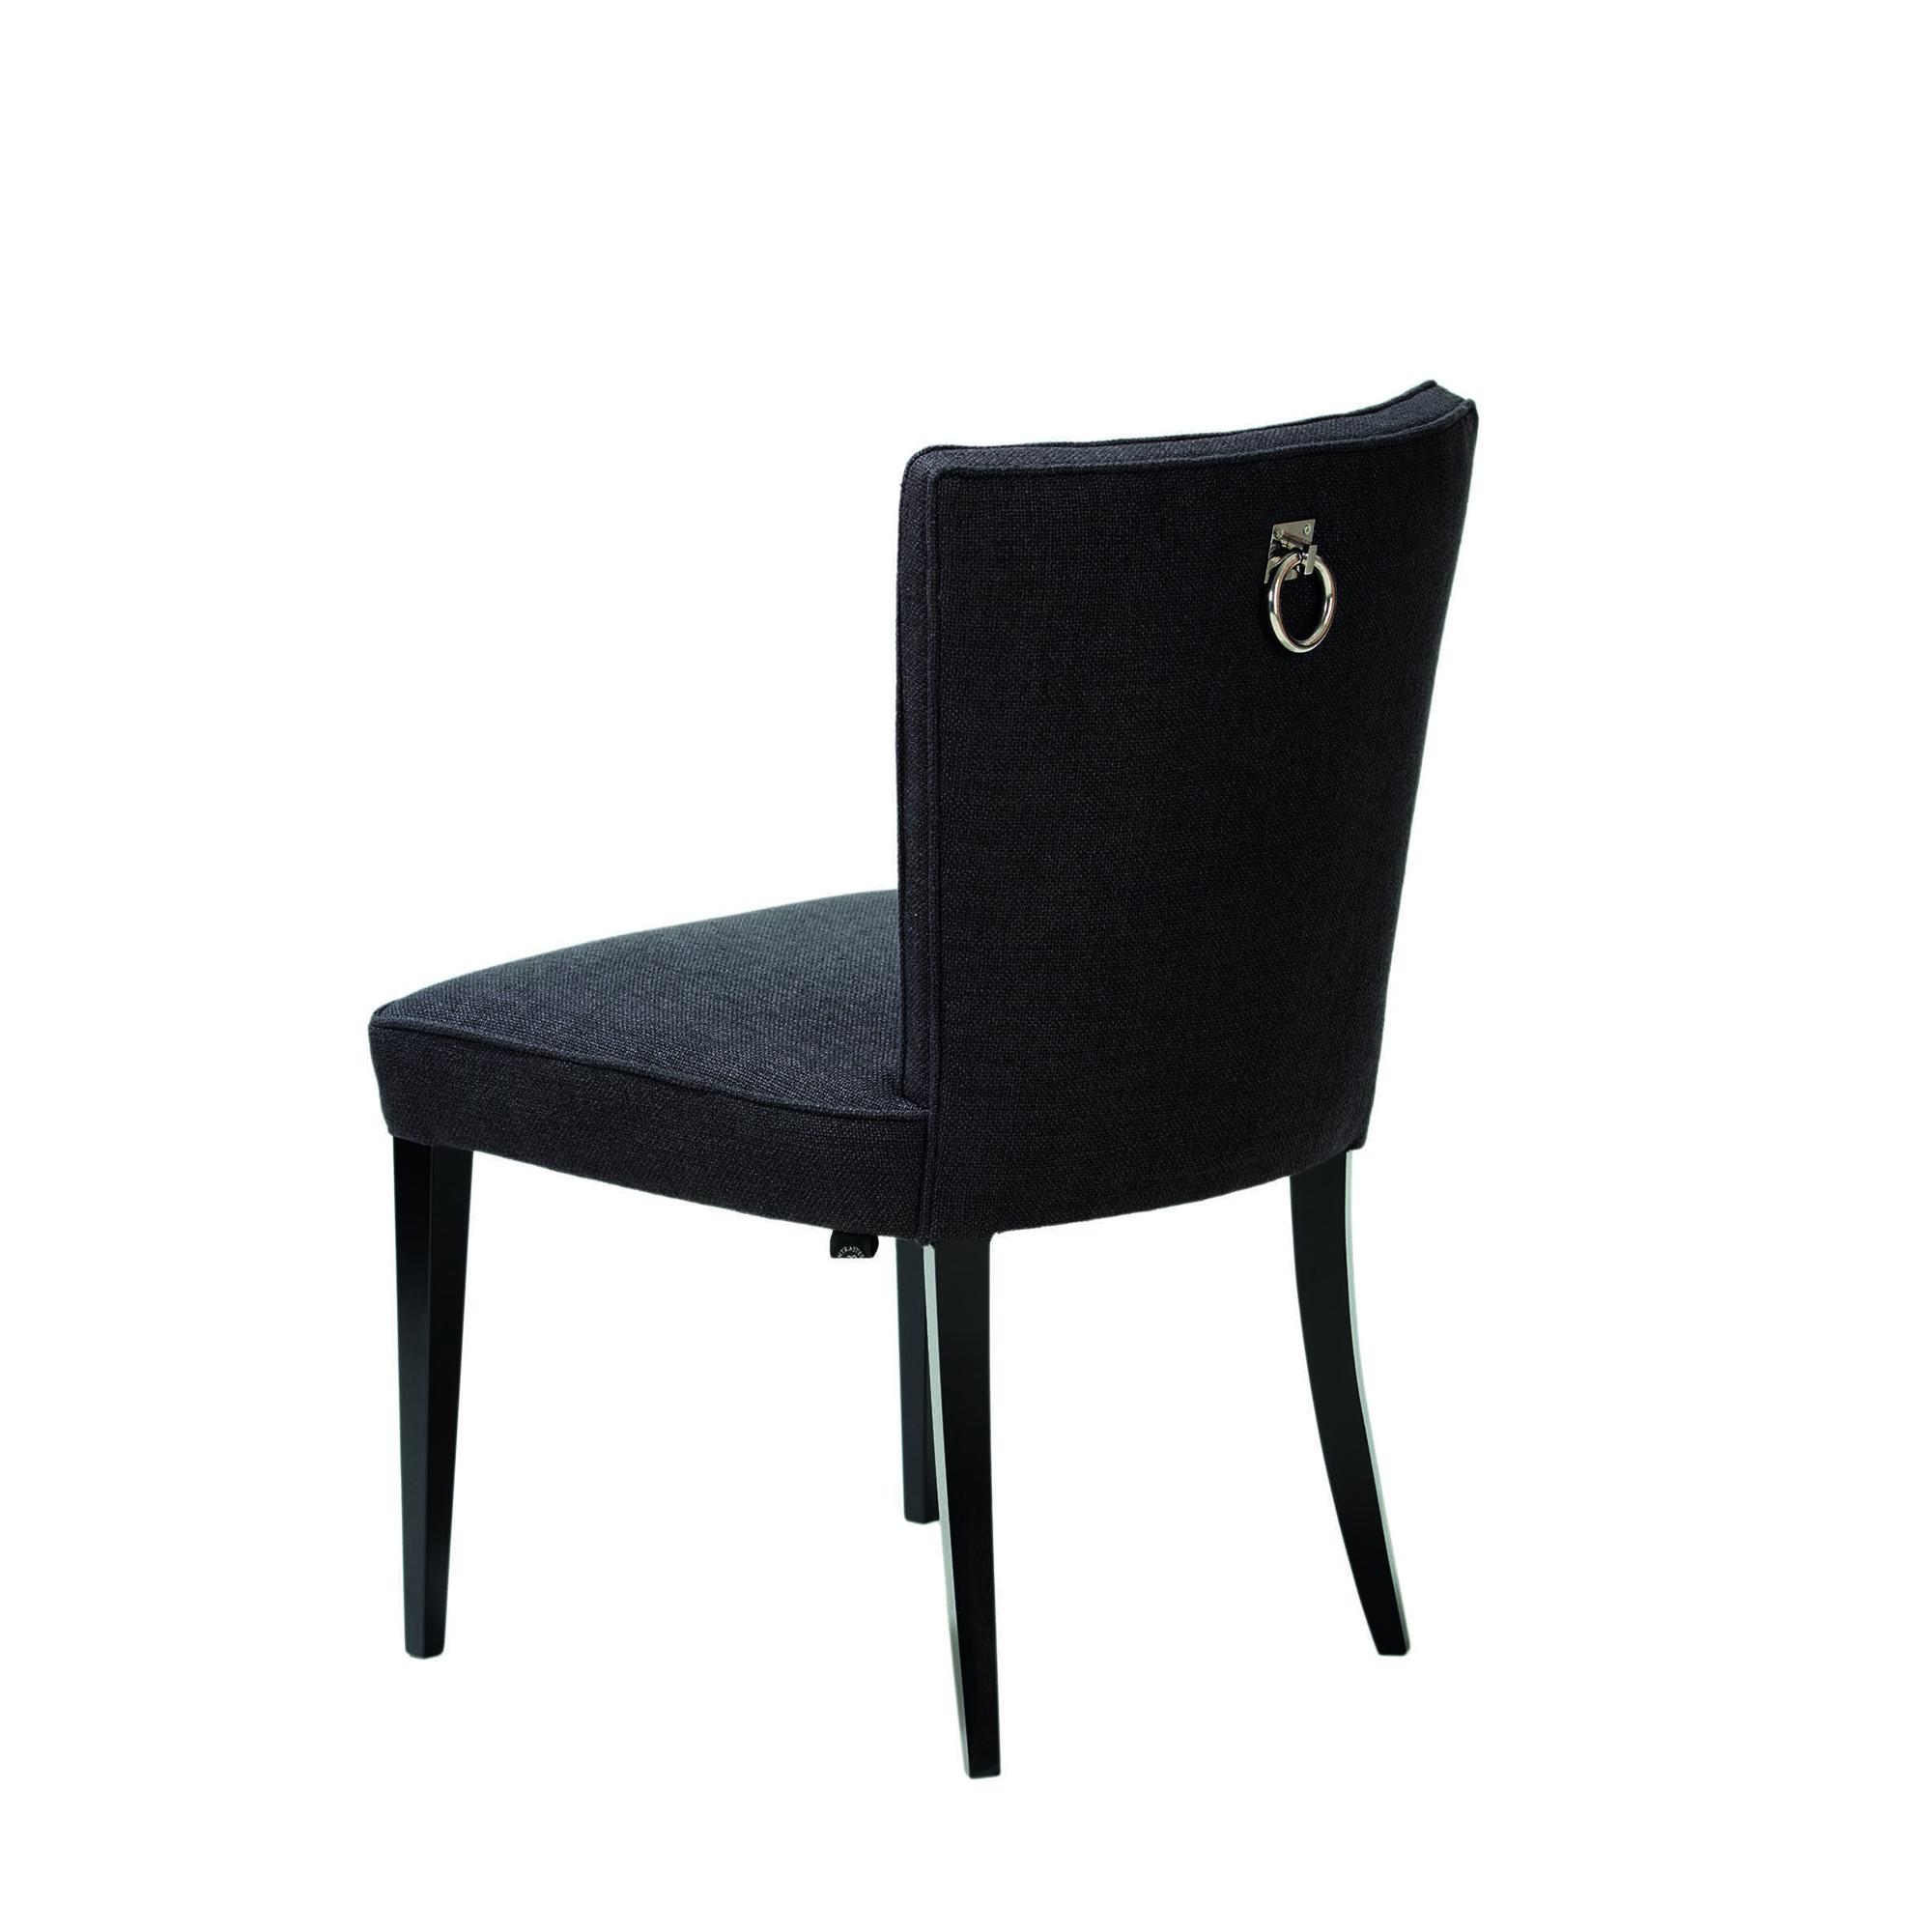 Sillon comodo latest cmodo sillon with sillon comodo for Muebles rattan montevideo